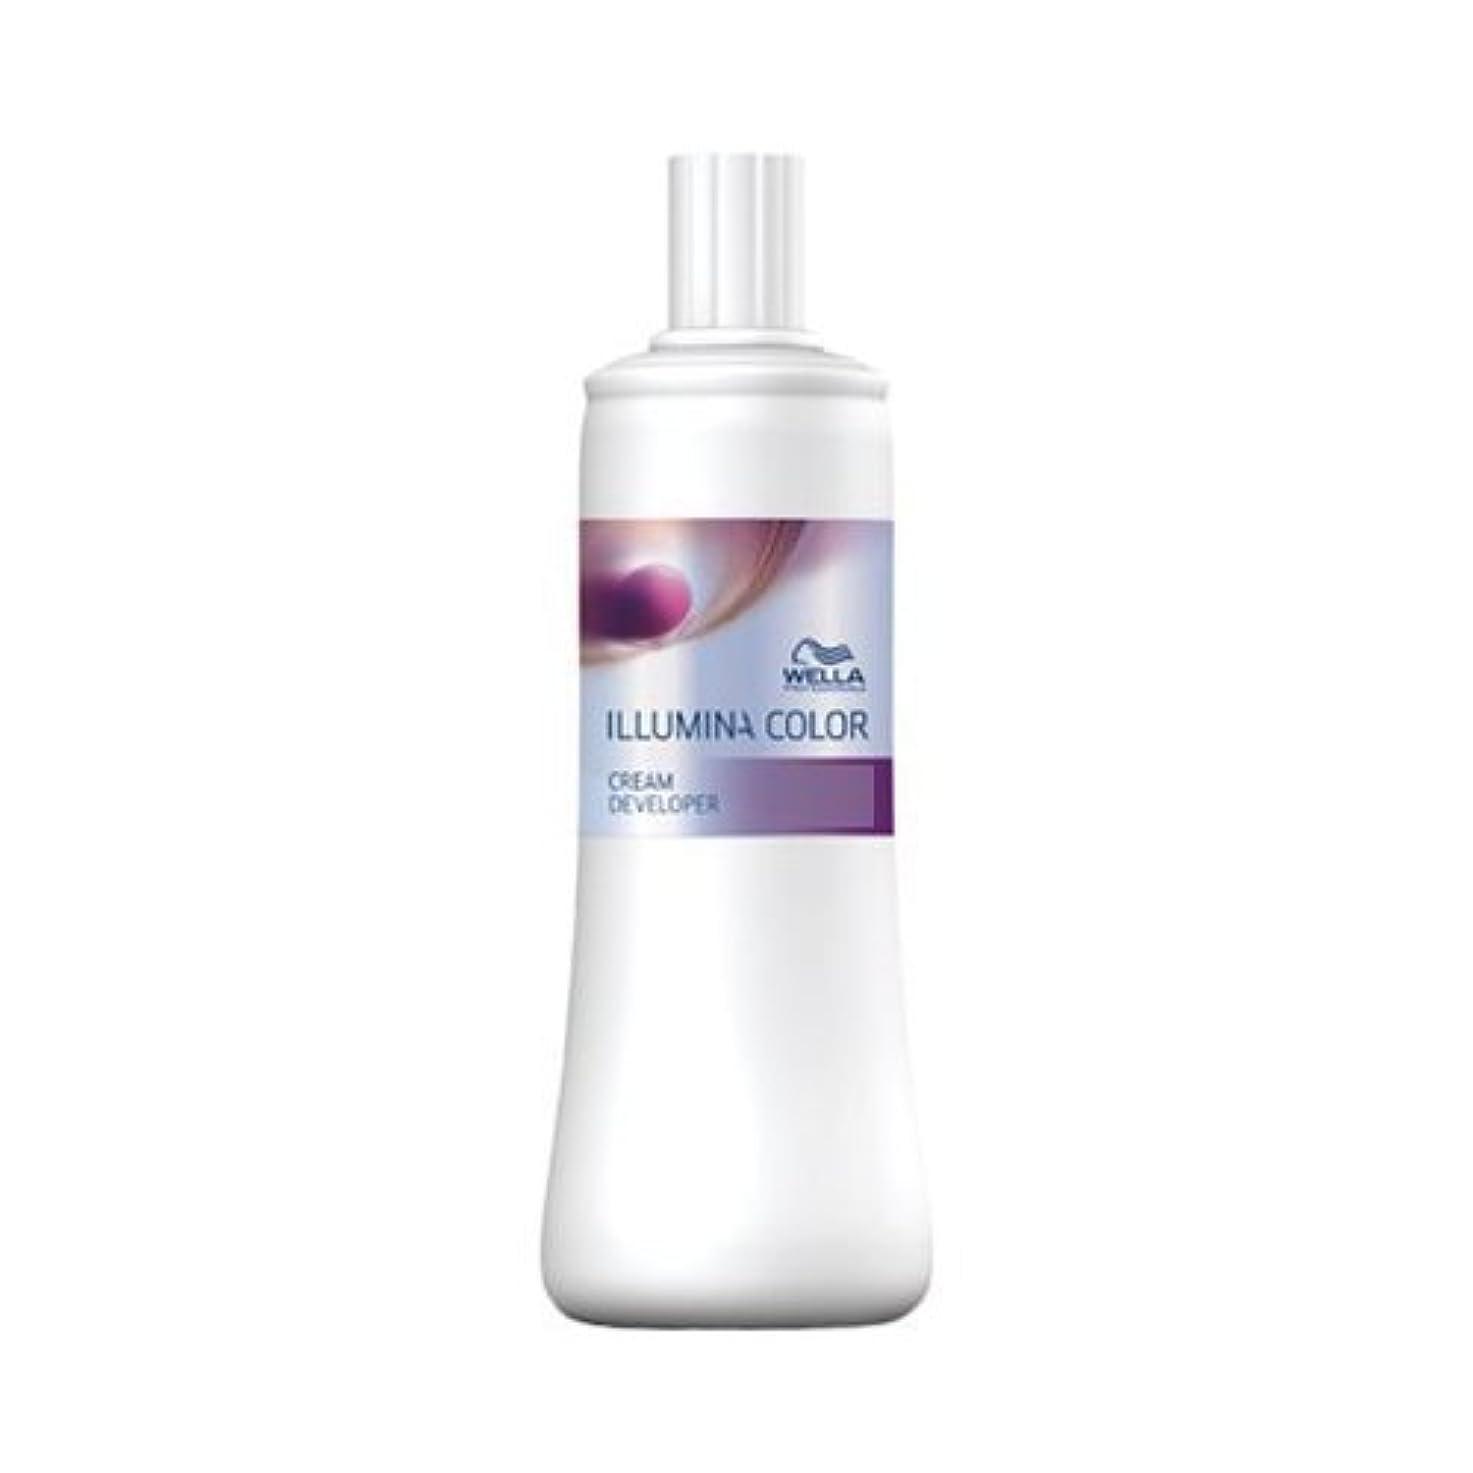 エンコミウムローズ同志ウエラ イルミナカラー クリーム ディベロッパー 6% 1000ml(2剤)